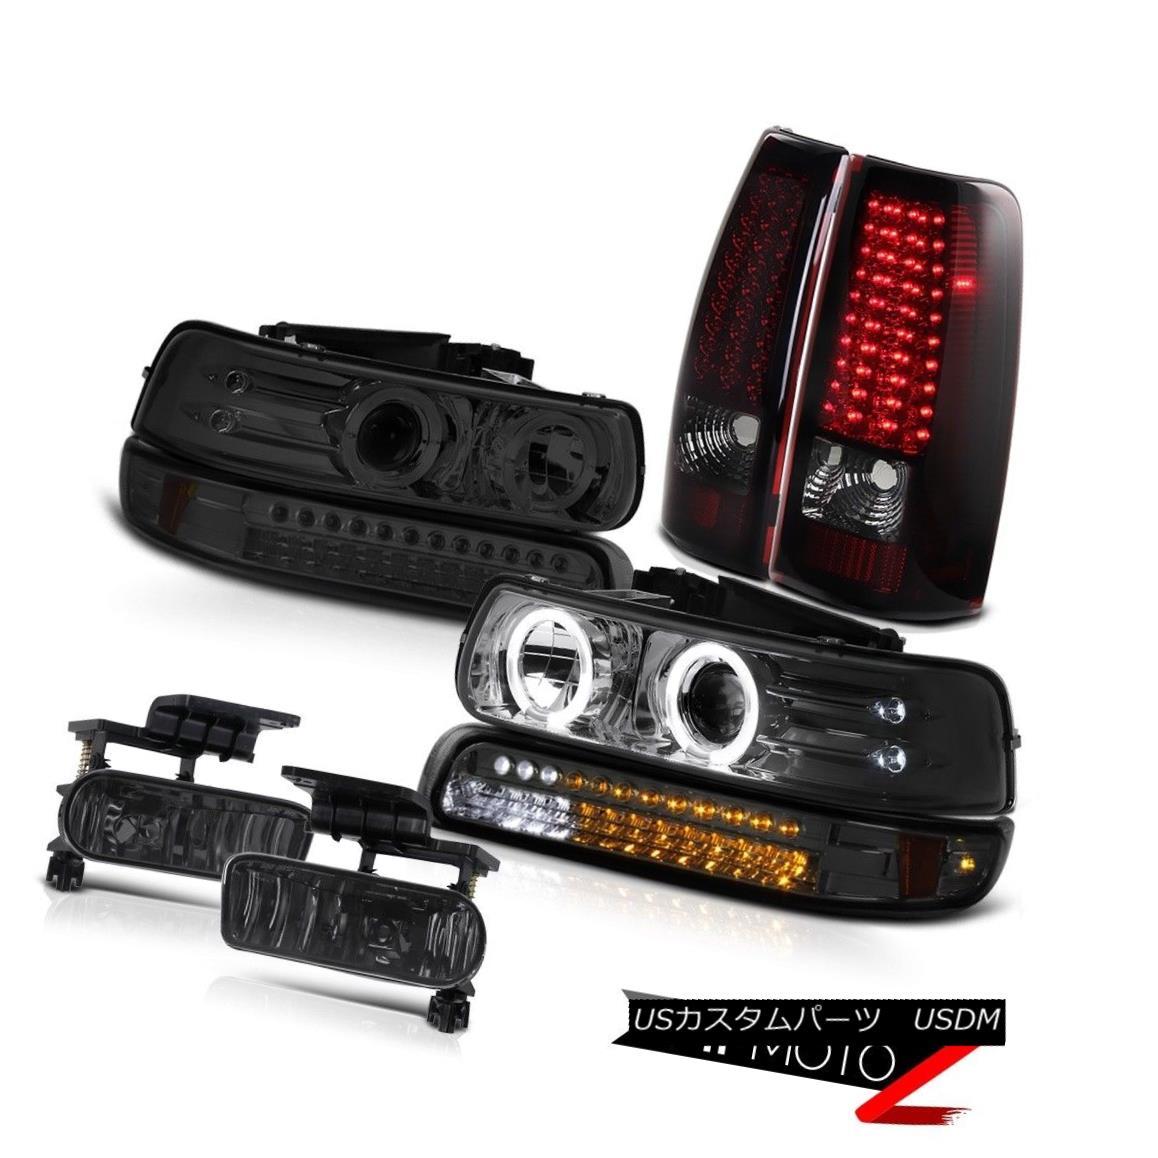 テールライト Headlights SMD Bumper LED Rear TailLights Driving Fog 99-02 Silverado Vortec Max ヘッドライトSMDバンパーLEDリアテールライトドライビングフォグ99-02 Silverado Vortec Max